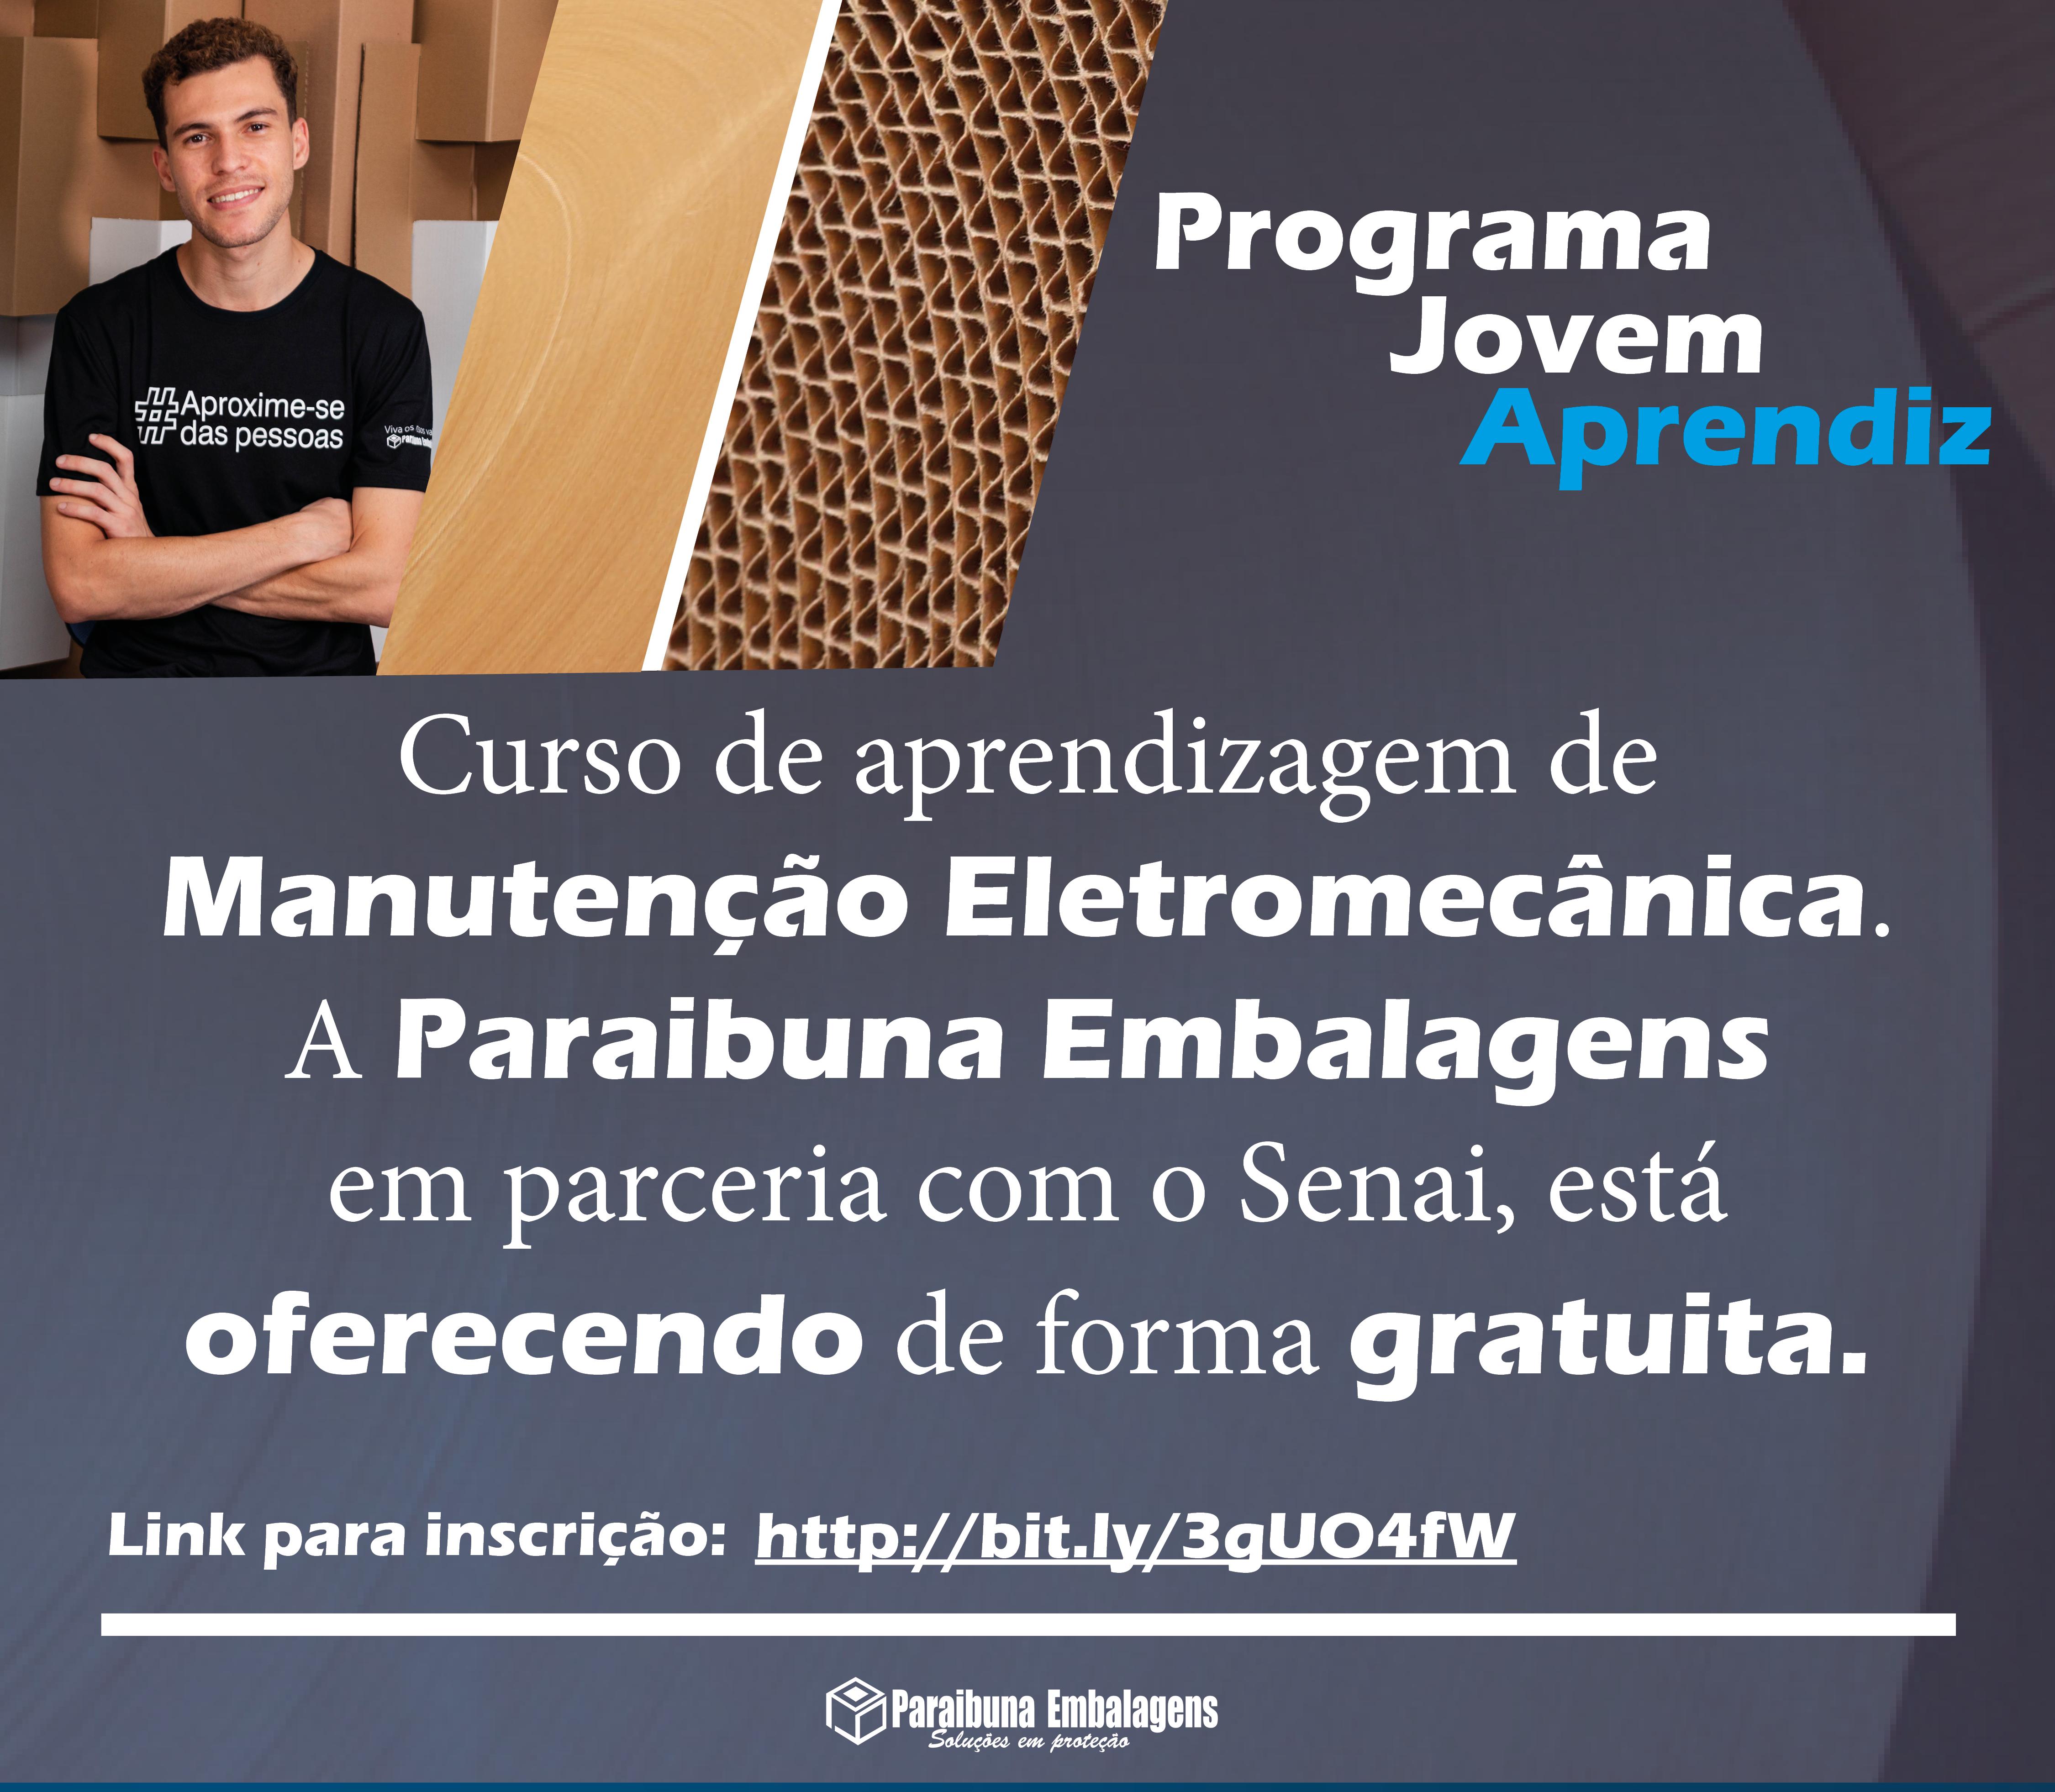 Programa Jovem Aprendiz|Manutenção Eletromecânica: